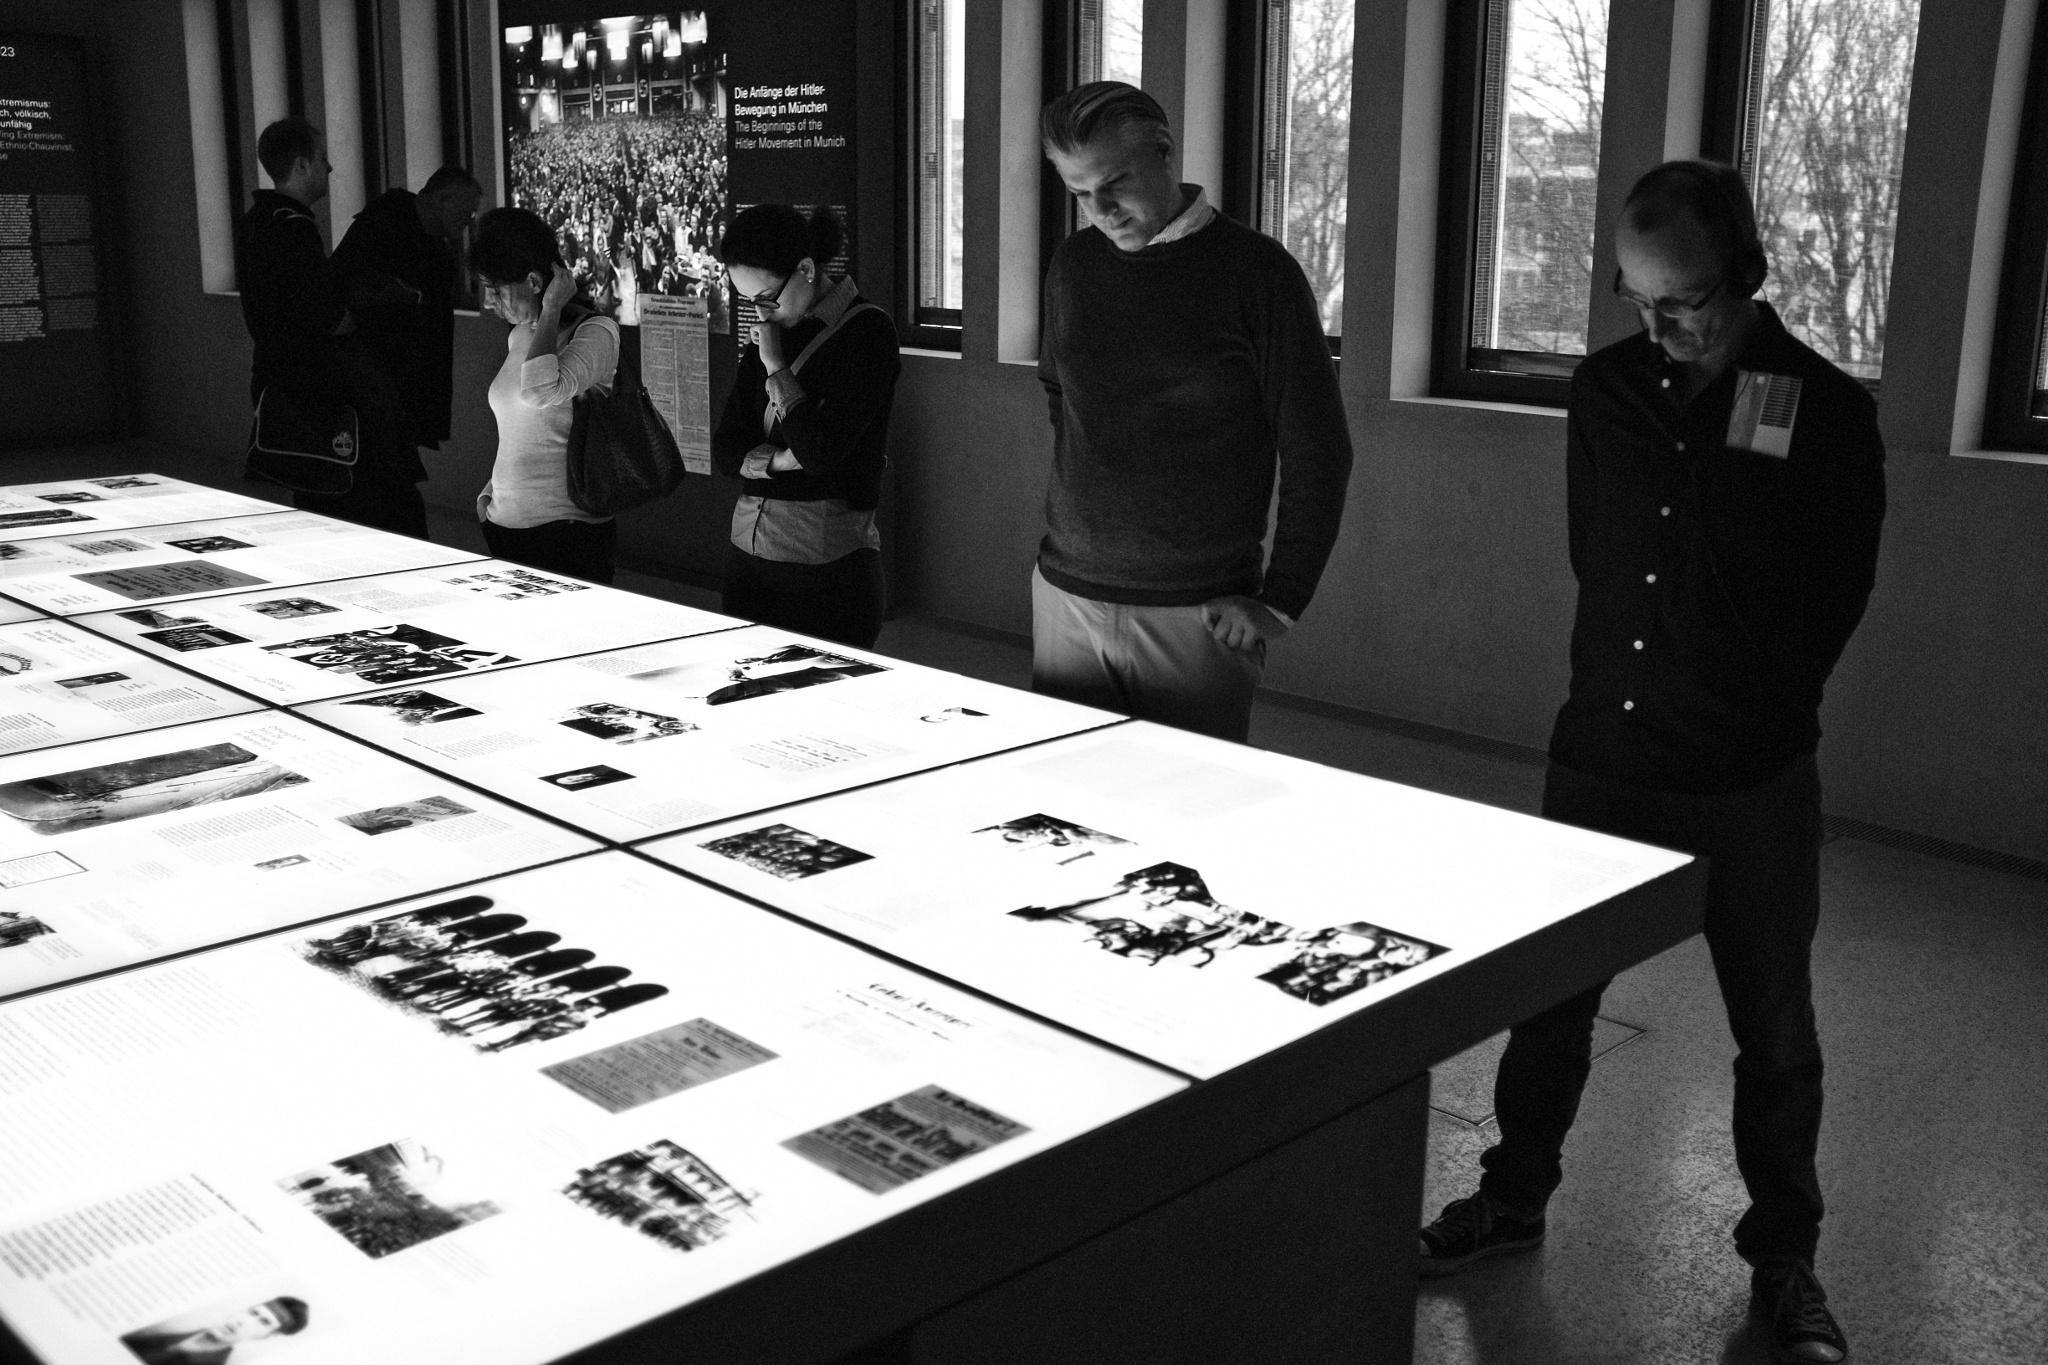 Nazi documentation center by Ulrich Gerndt